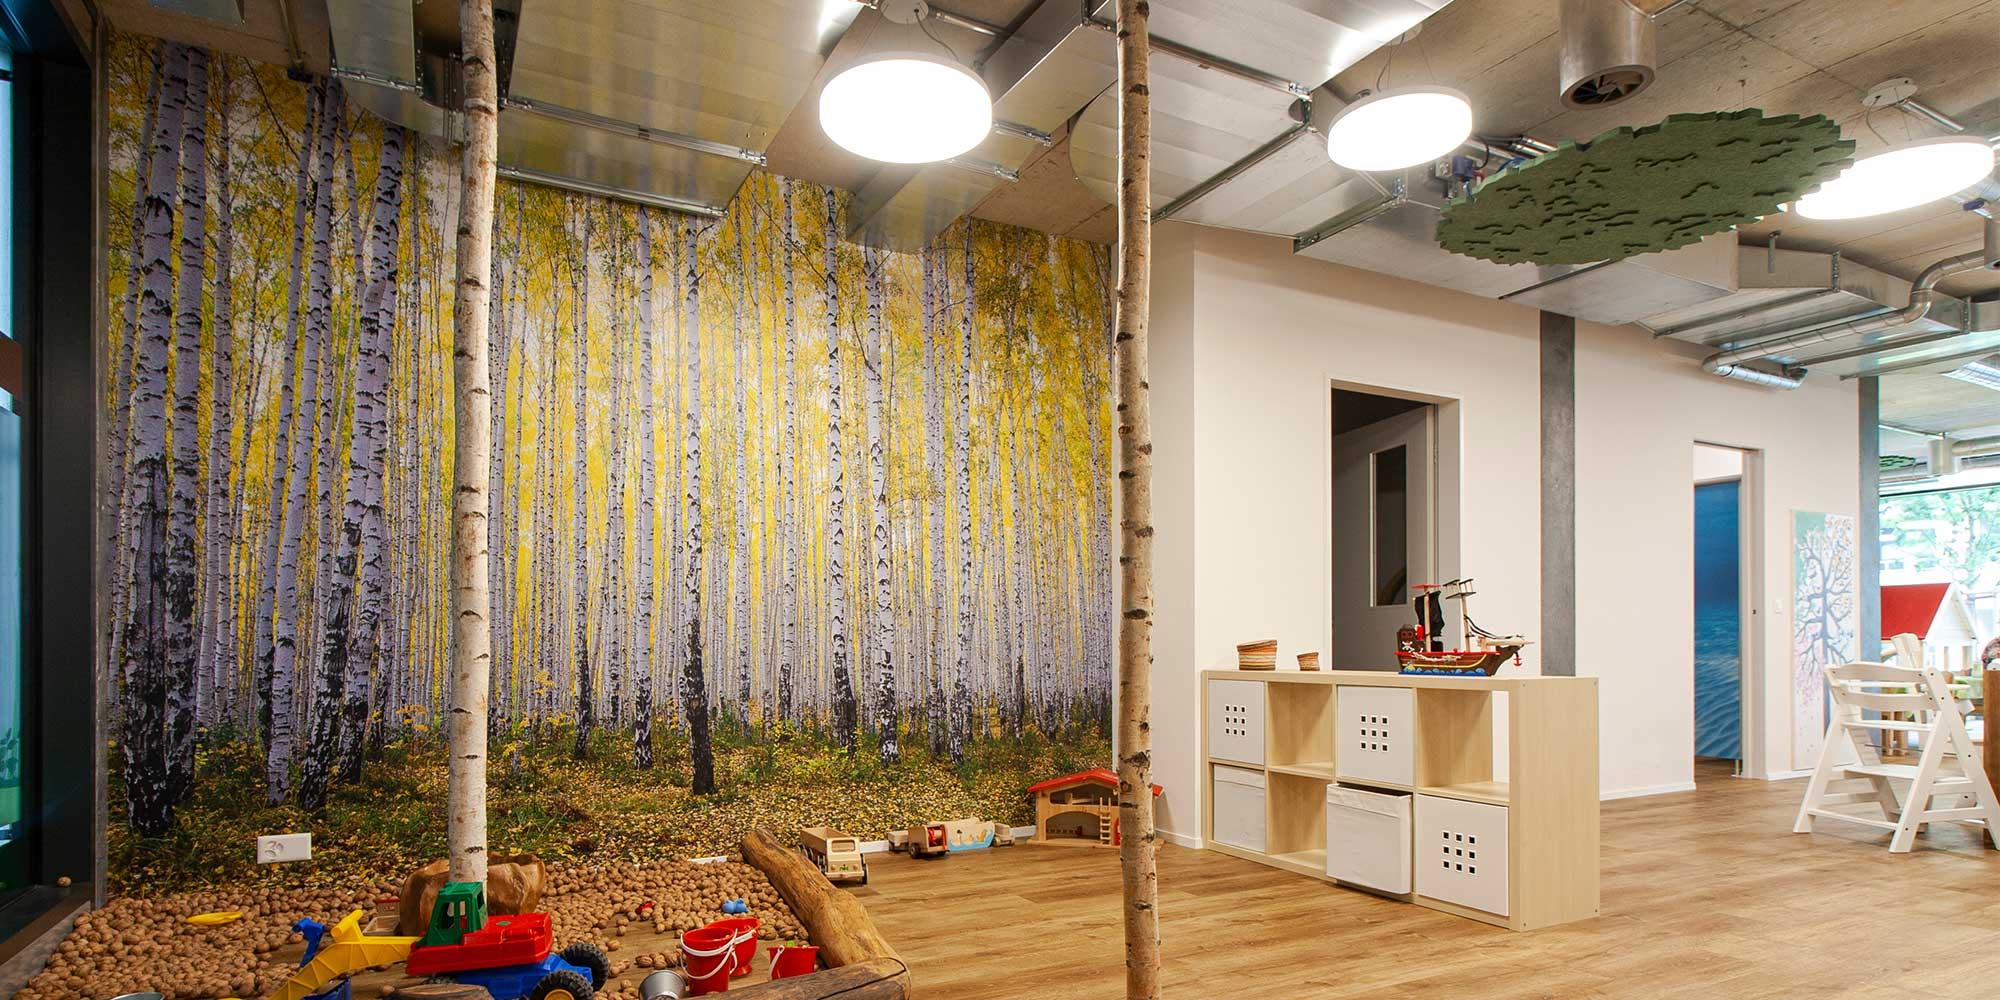 Kita Wundergarten Spielzimmer mit Basic Pendelleuchten von Lightnet eingerichtet